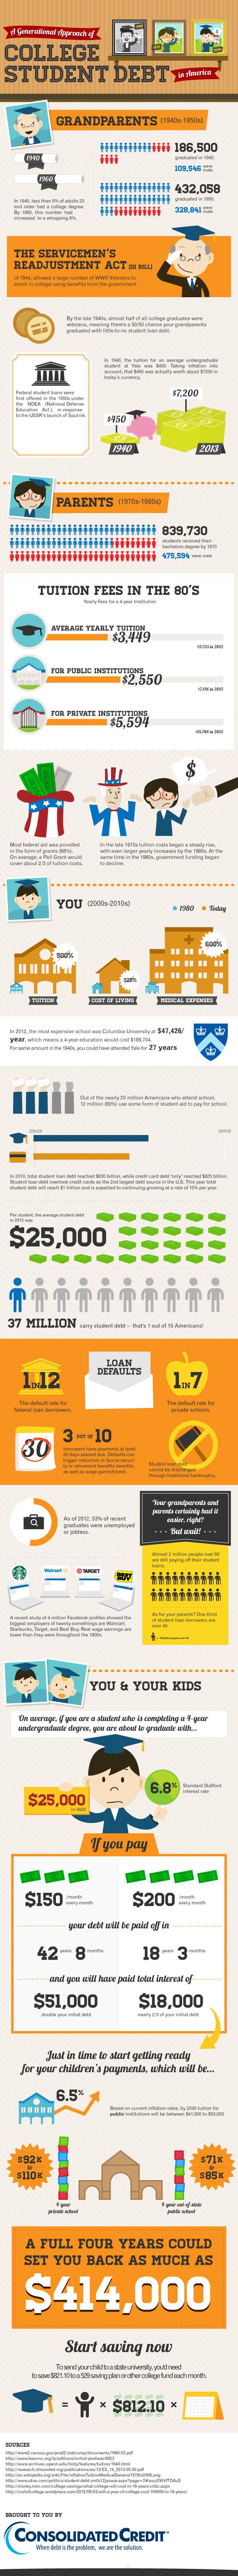 College Debt in America